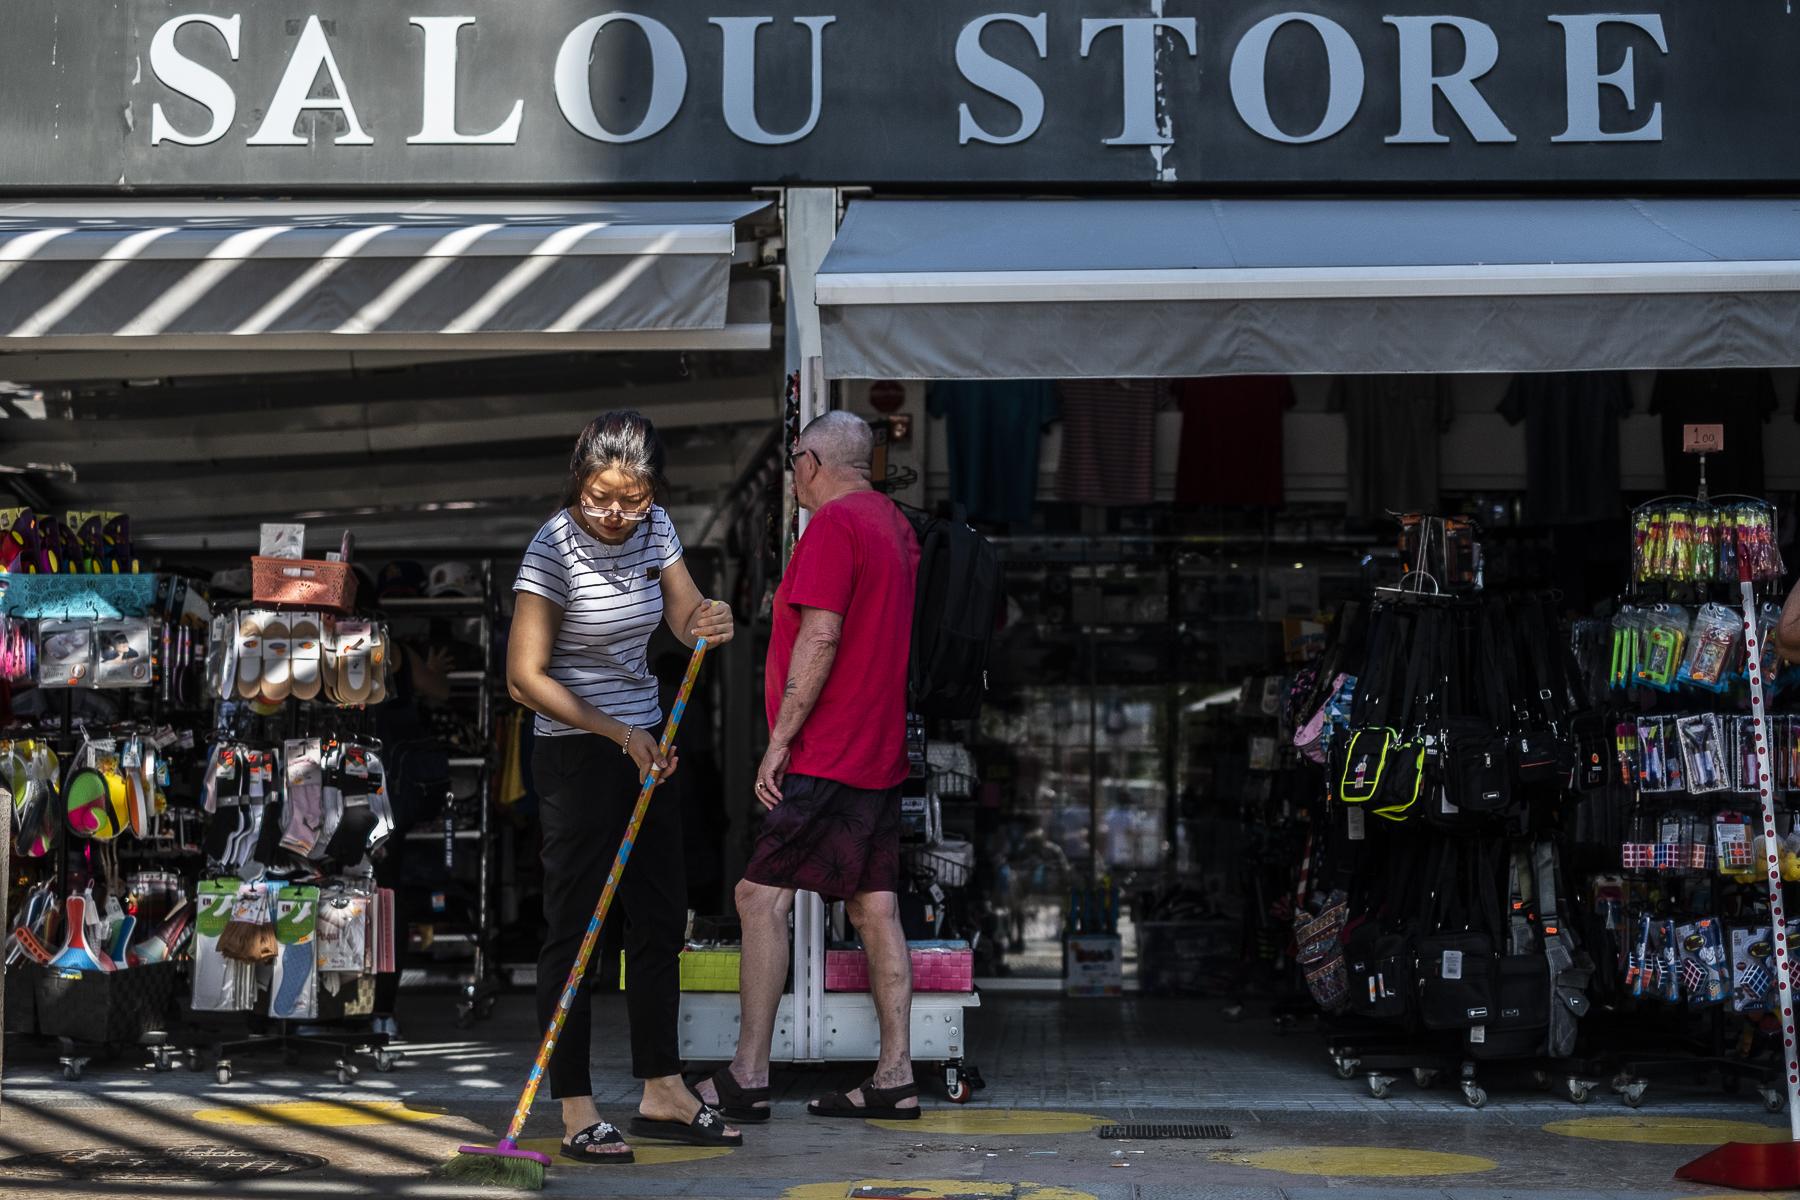 SALOU / ZARAGOZA WALKERS